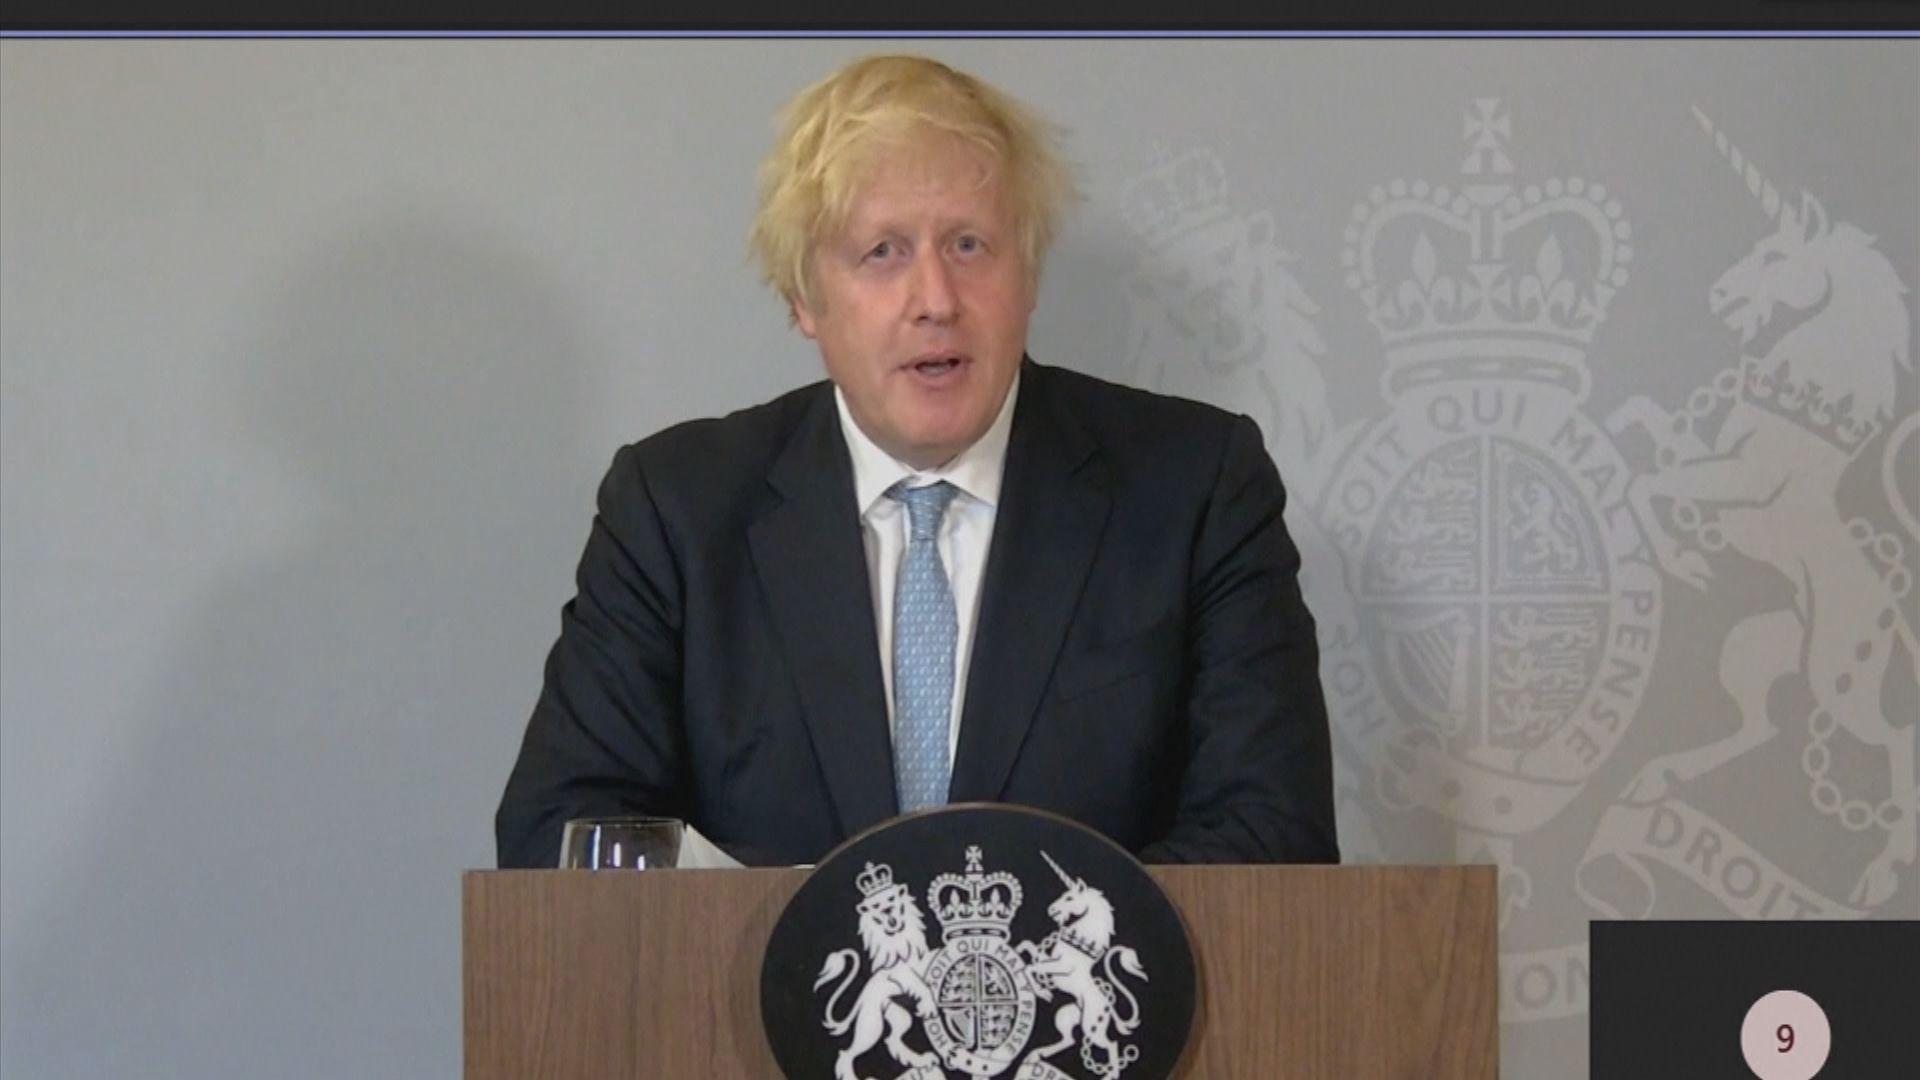 約翰遜為解封英格蘭辯護稱是解封正確時機